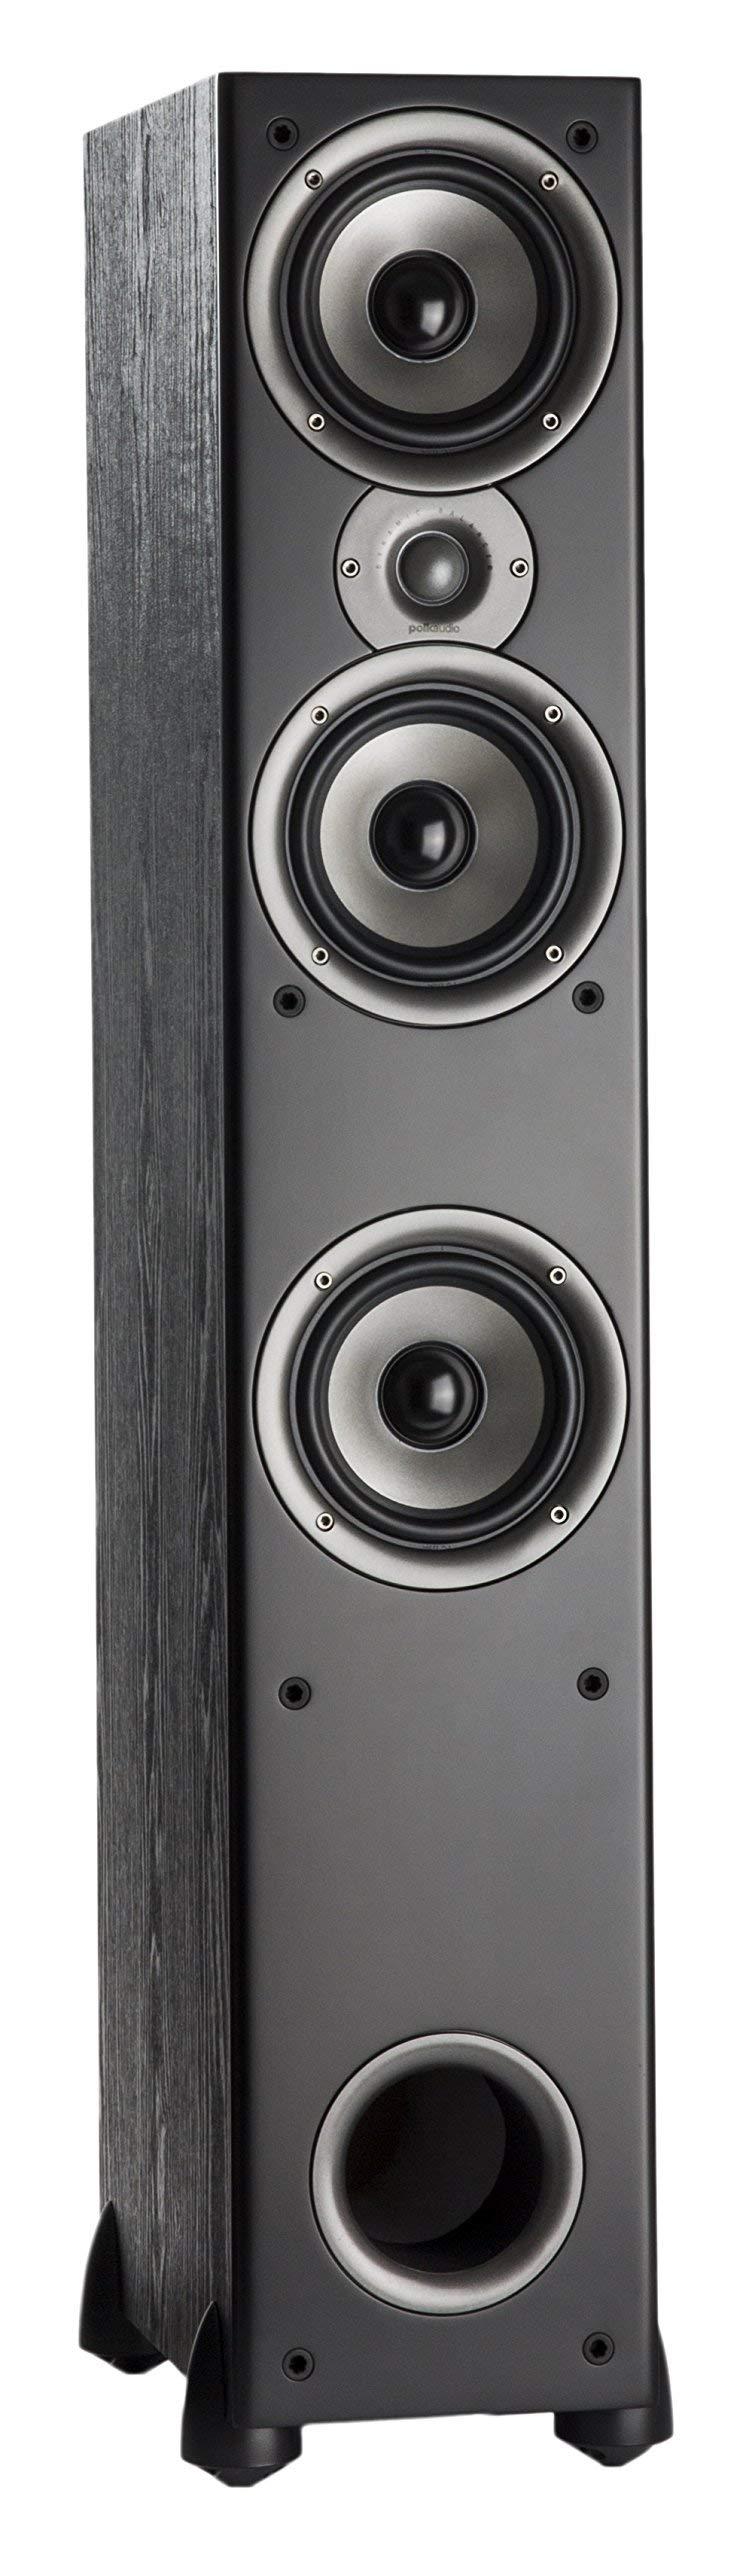 Polk Audio Monitor 60 Series II Floorstanding Speaker - Bestseller for Home Audio   Big Sound,   Affordable Price   1 (1-inch) Tweeter and 3 (5.25-inch) Woofers   Black, Single (Renewed)